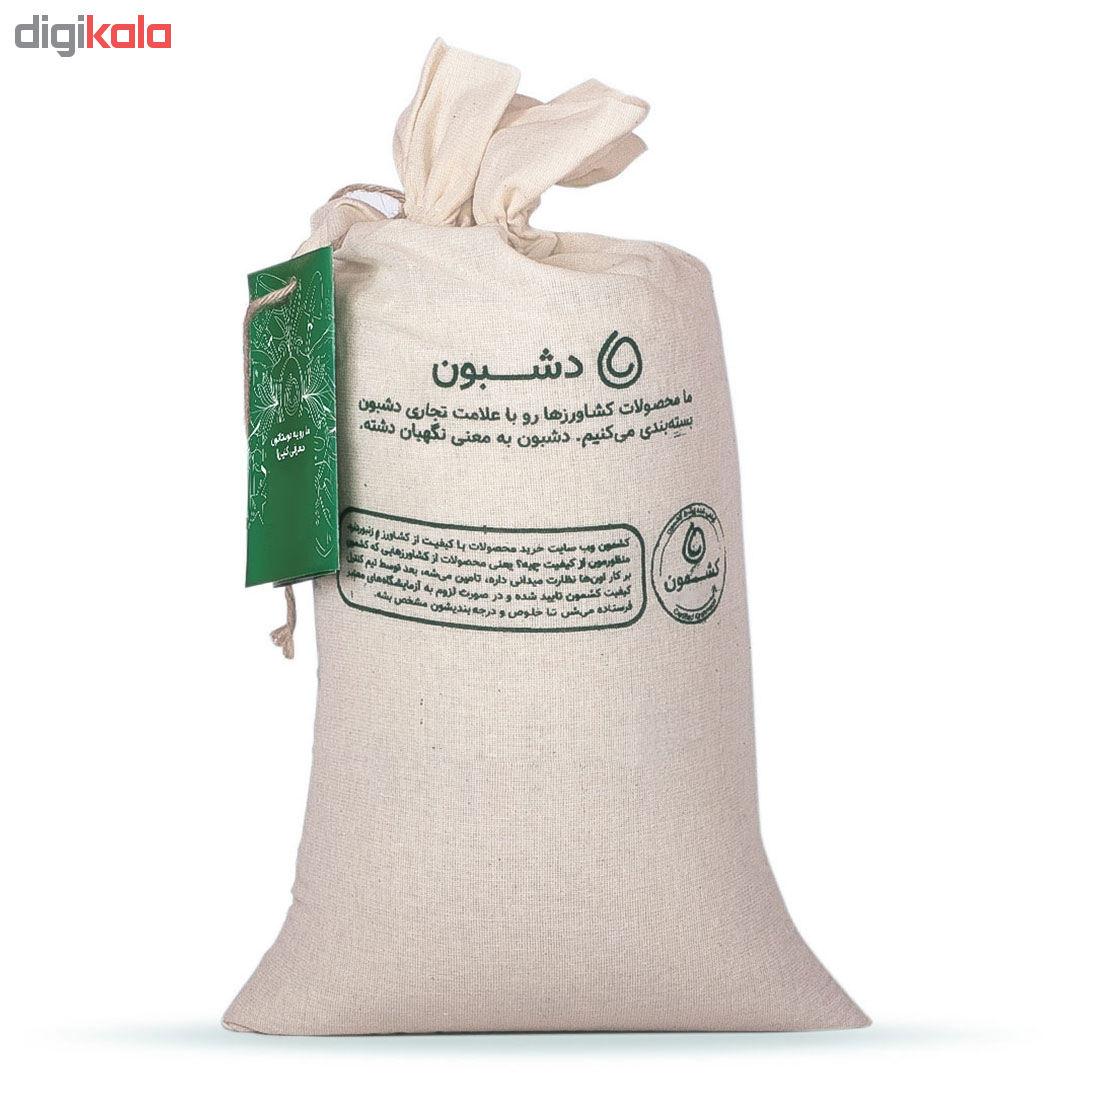 بررسی و خرید فوری برنج هاشمی ممتاز کشمون شاهرخ آقایی - ۵ کیلوگرم